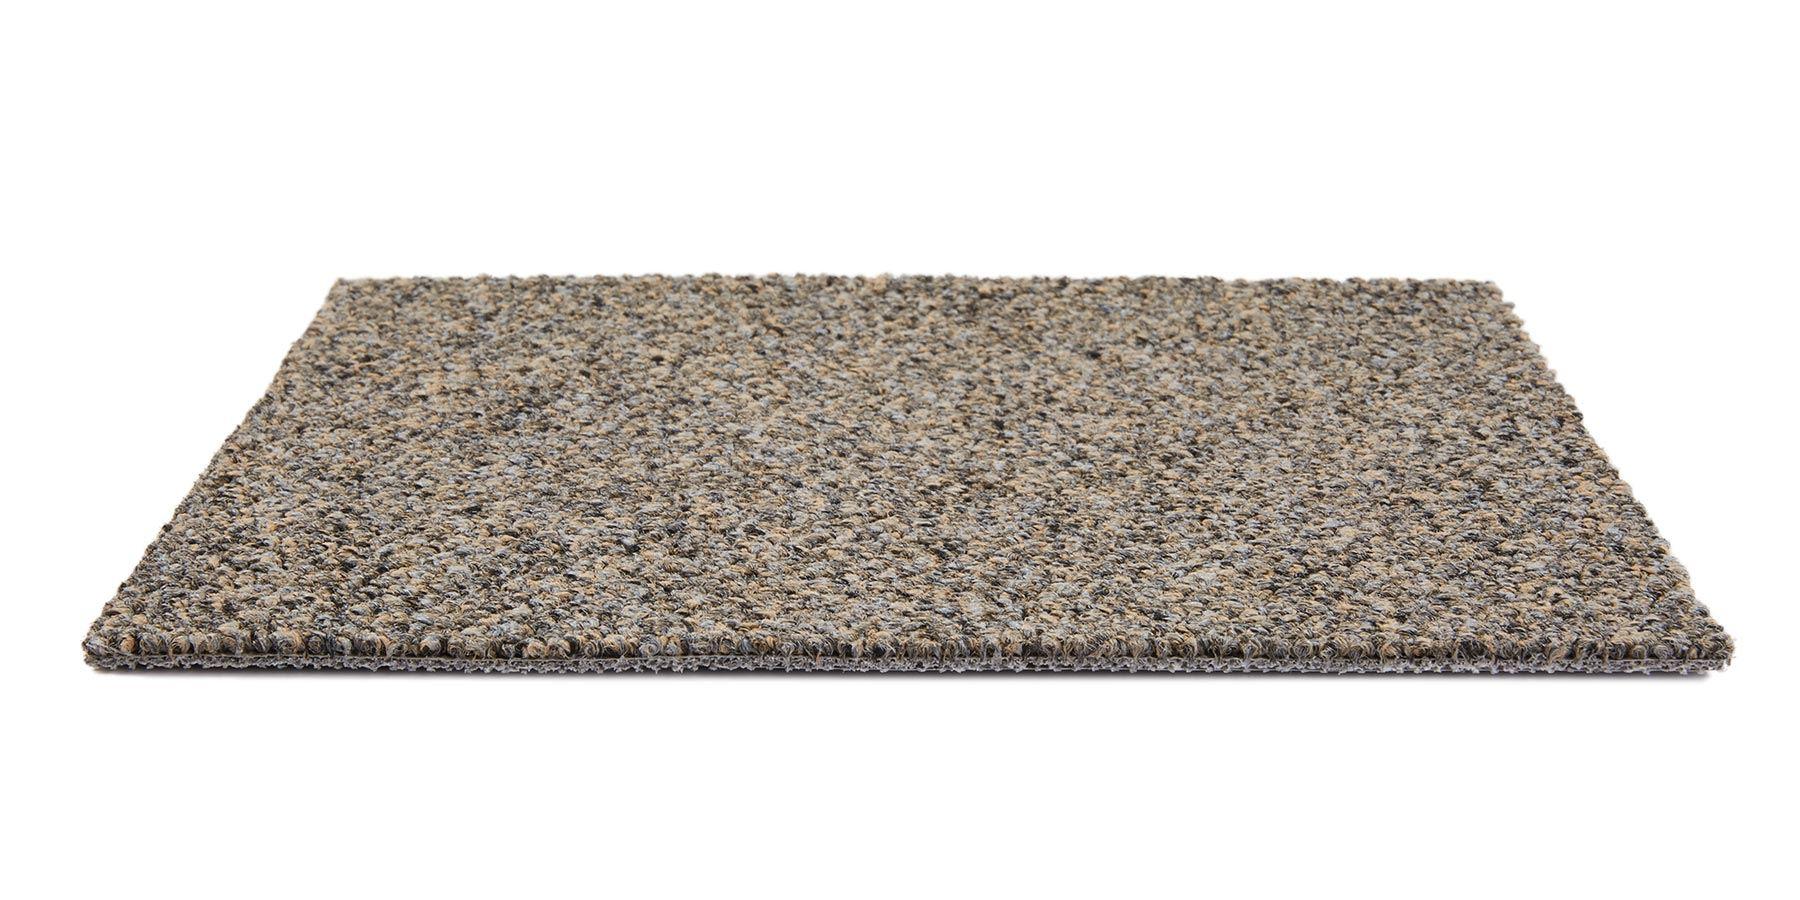 Tenbrooke II Sandwashed Driftwood Carpet